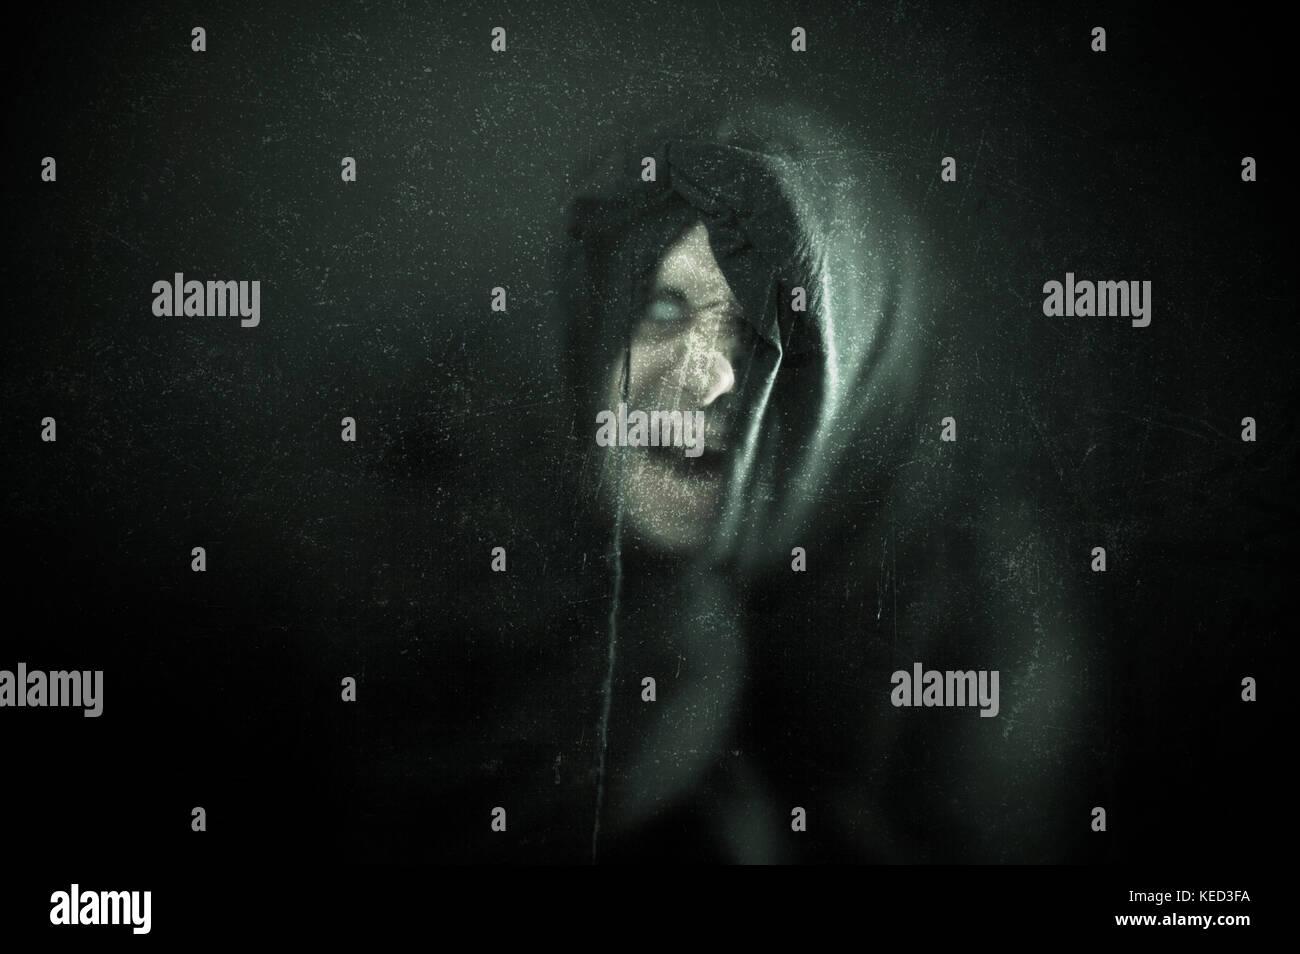 Enojado ghost figura en la oscuridad. Imagen De Stock